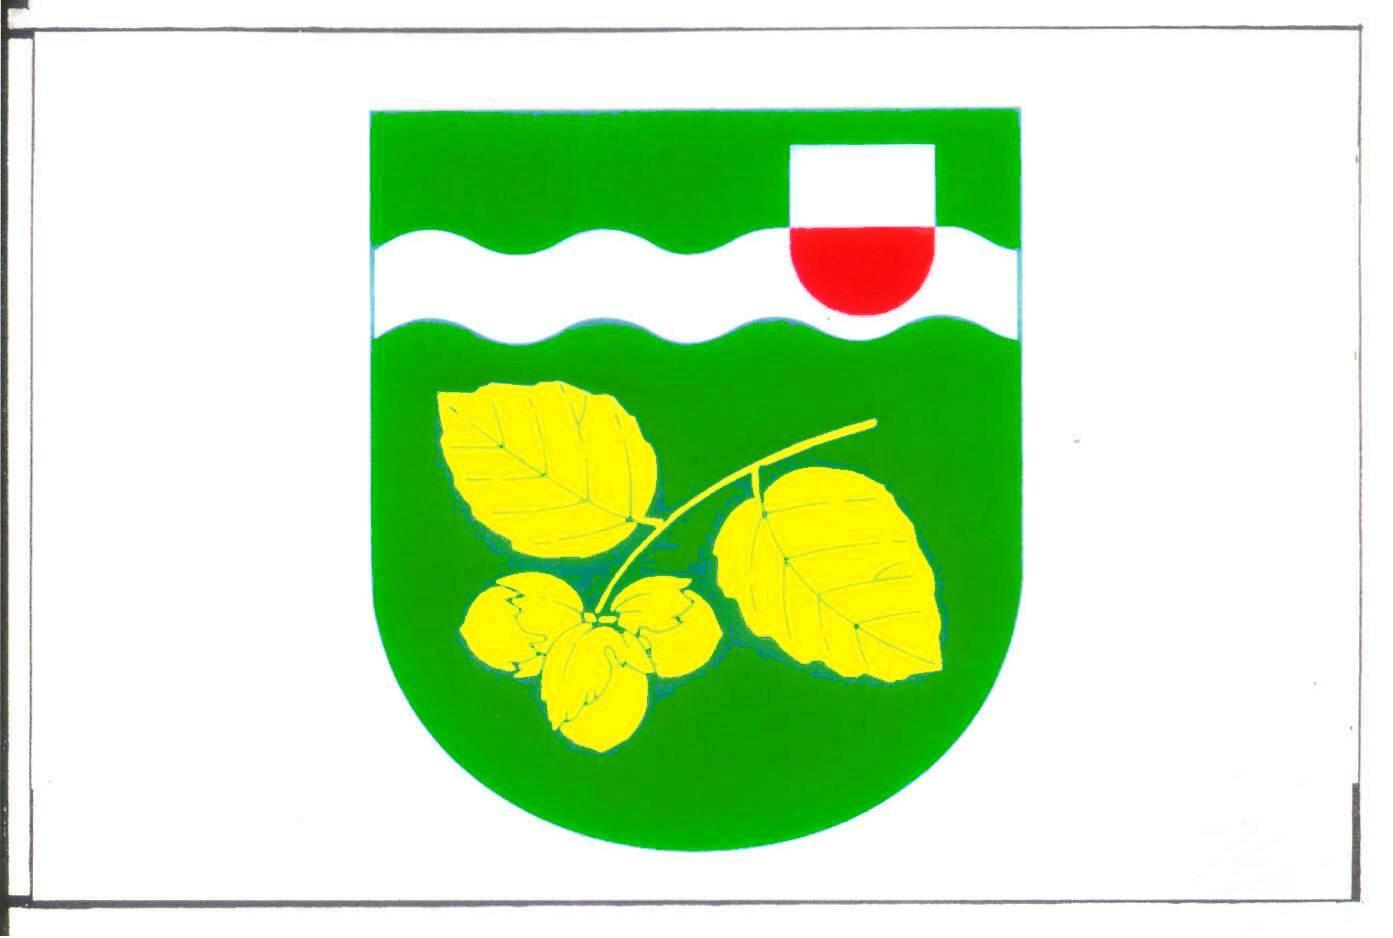 Flagge GemeindeNusse, Kreis Herzogtum Lauenburg